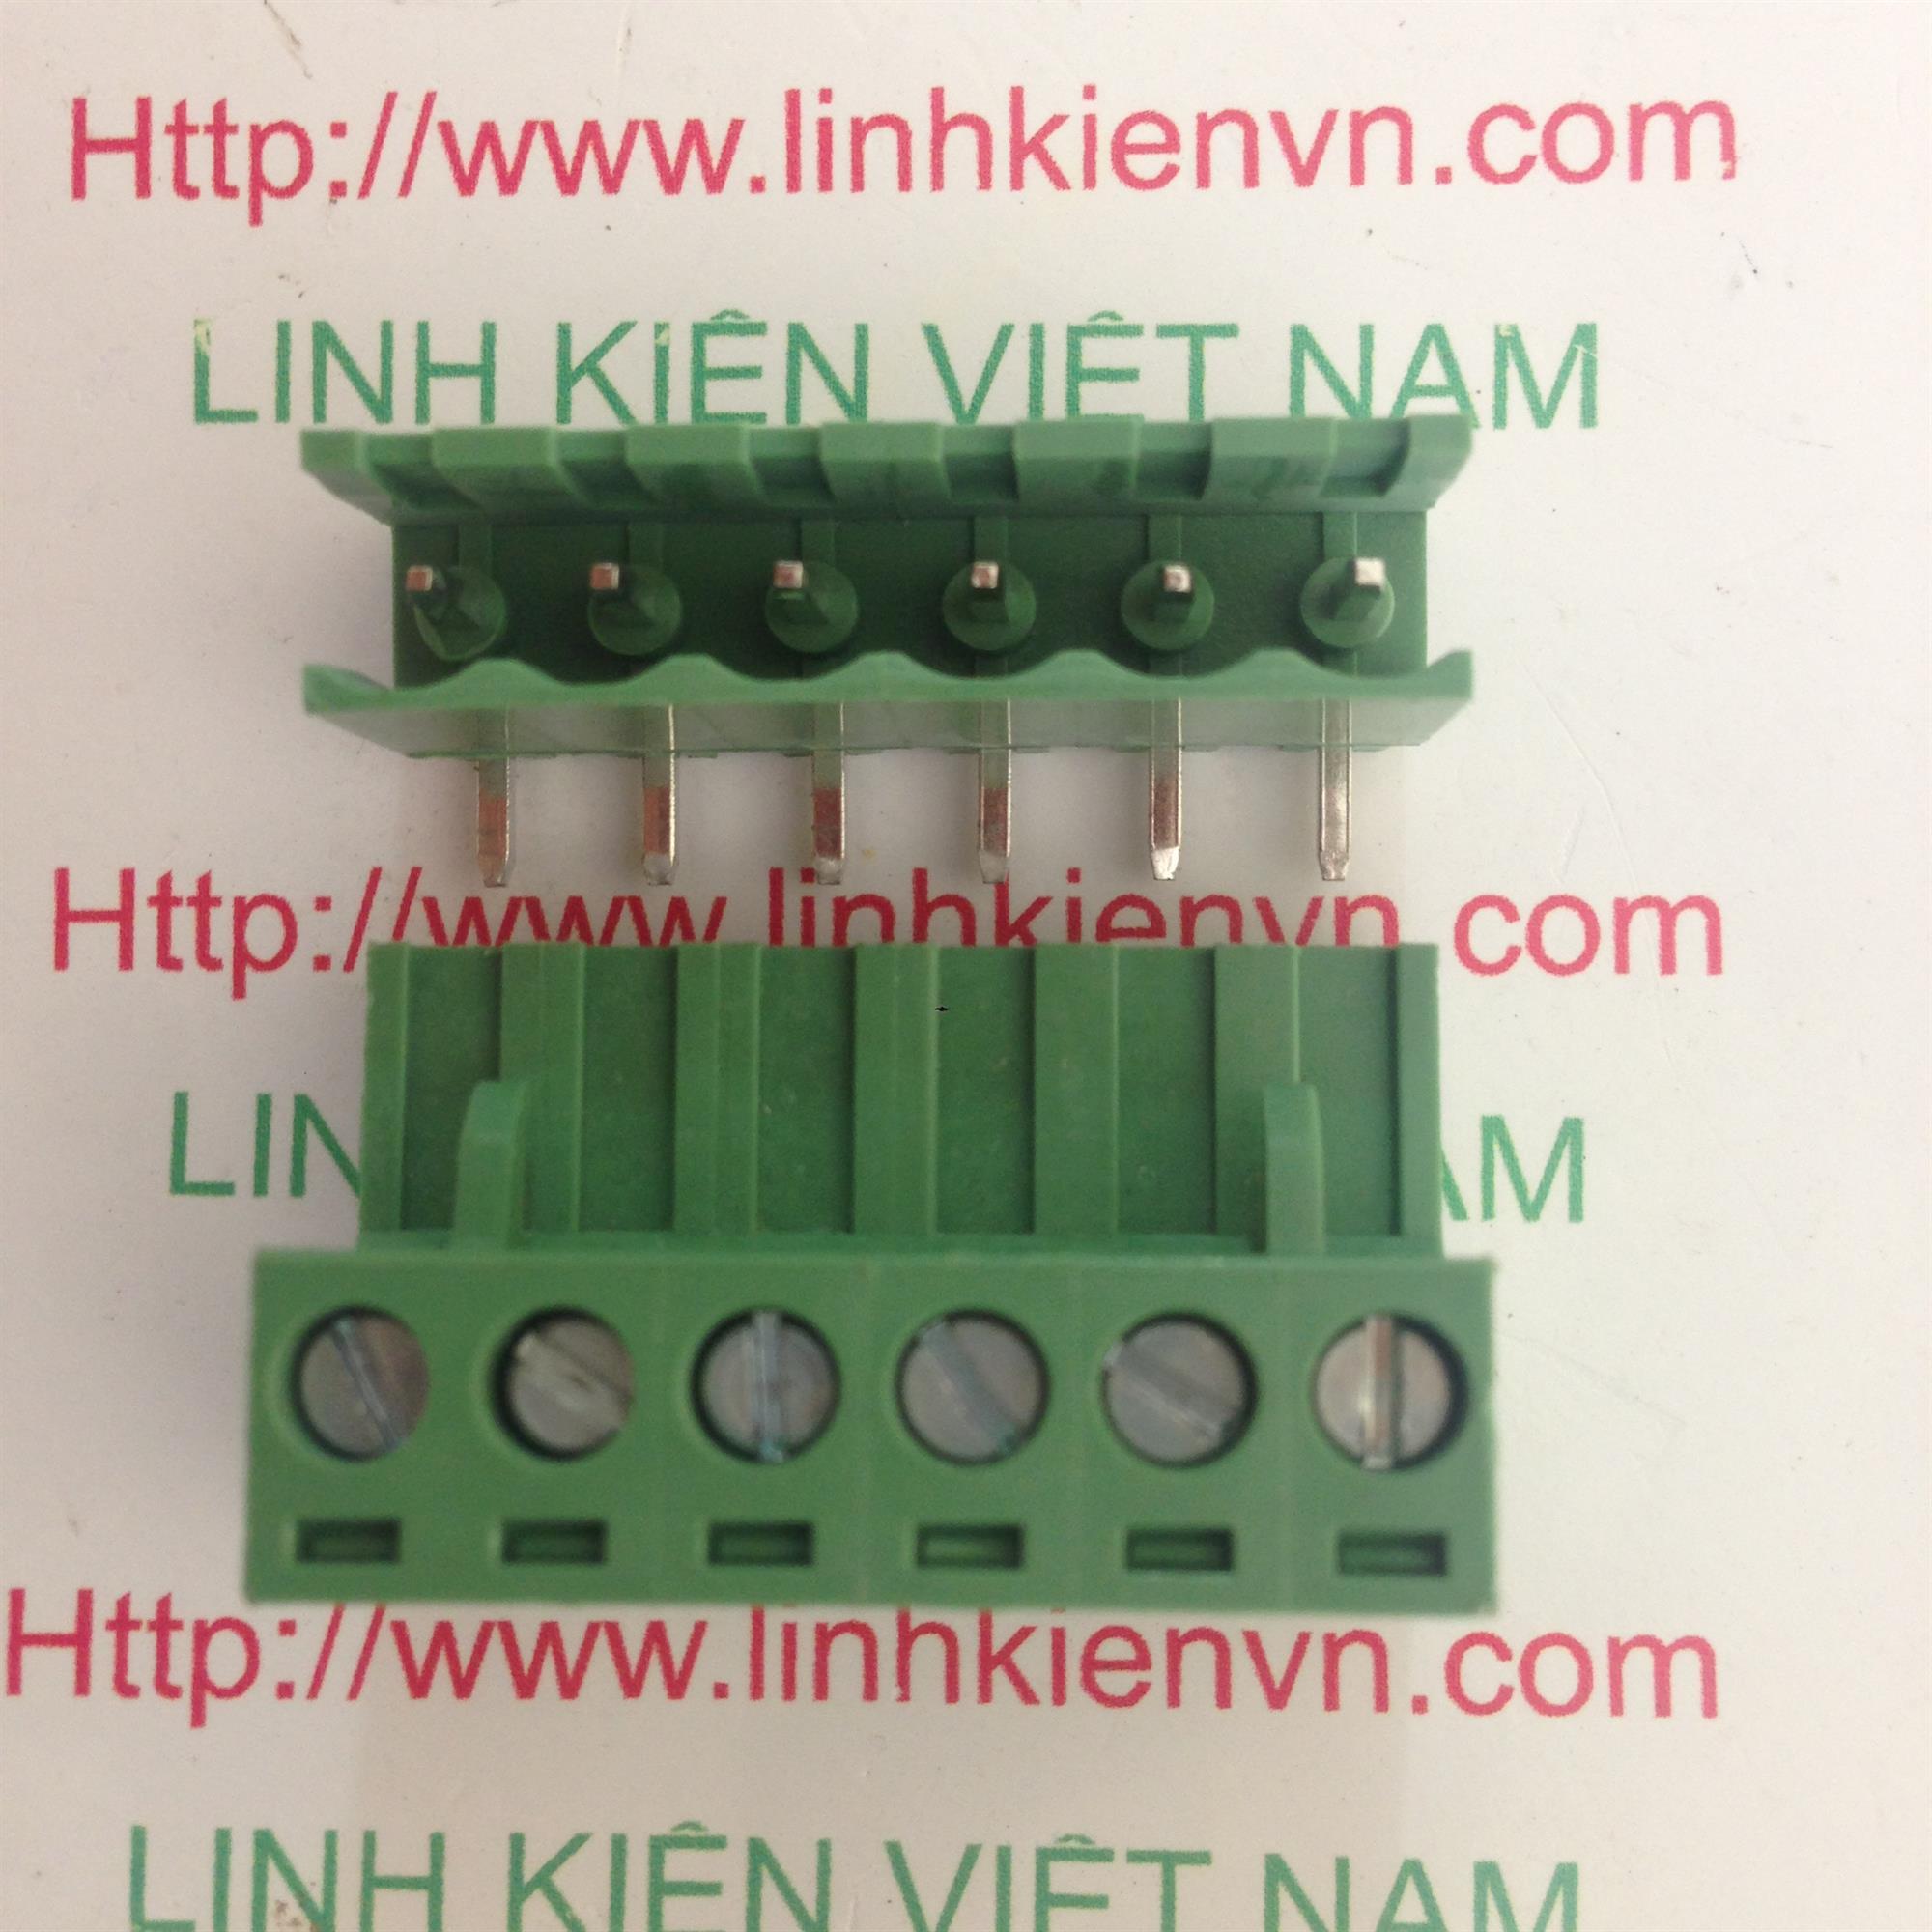 Cầu đấu 6 5.08mm EDG5.08-6P CONG - D7H10